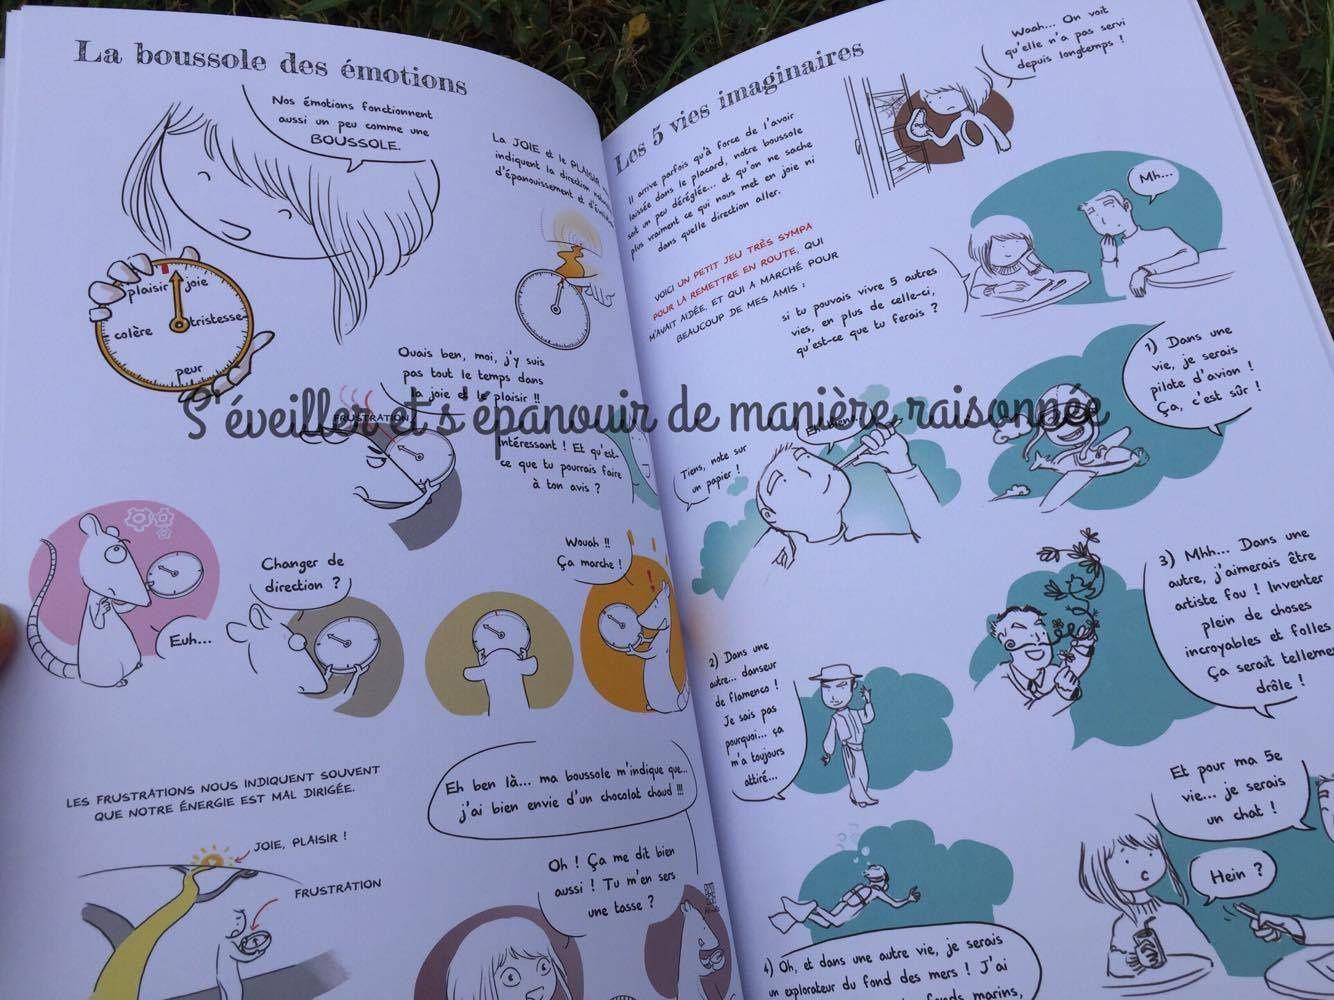 Emotions: enquête et mode d'emploi - Tome 1 - Art-mella - Editions Pourpenser